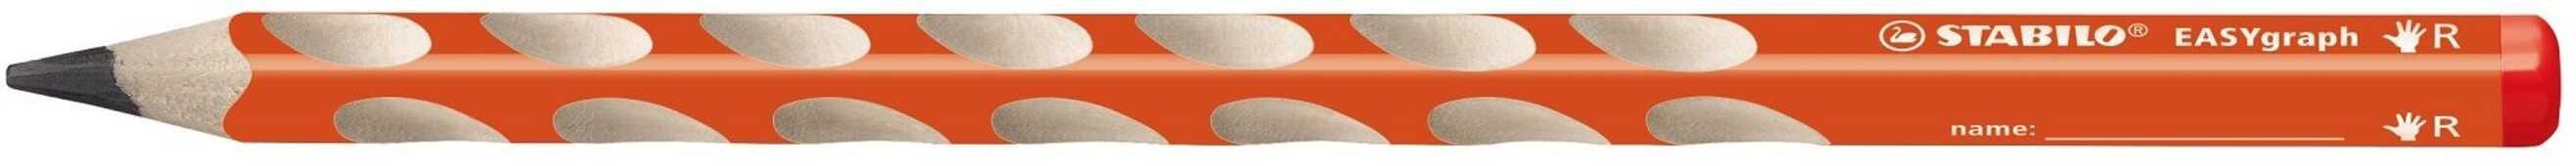 Cartoleria Matita STABILO EASYgraph HB per destrorsi. Arancione Stabilo